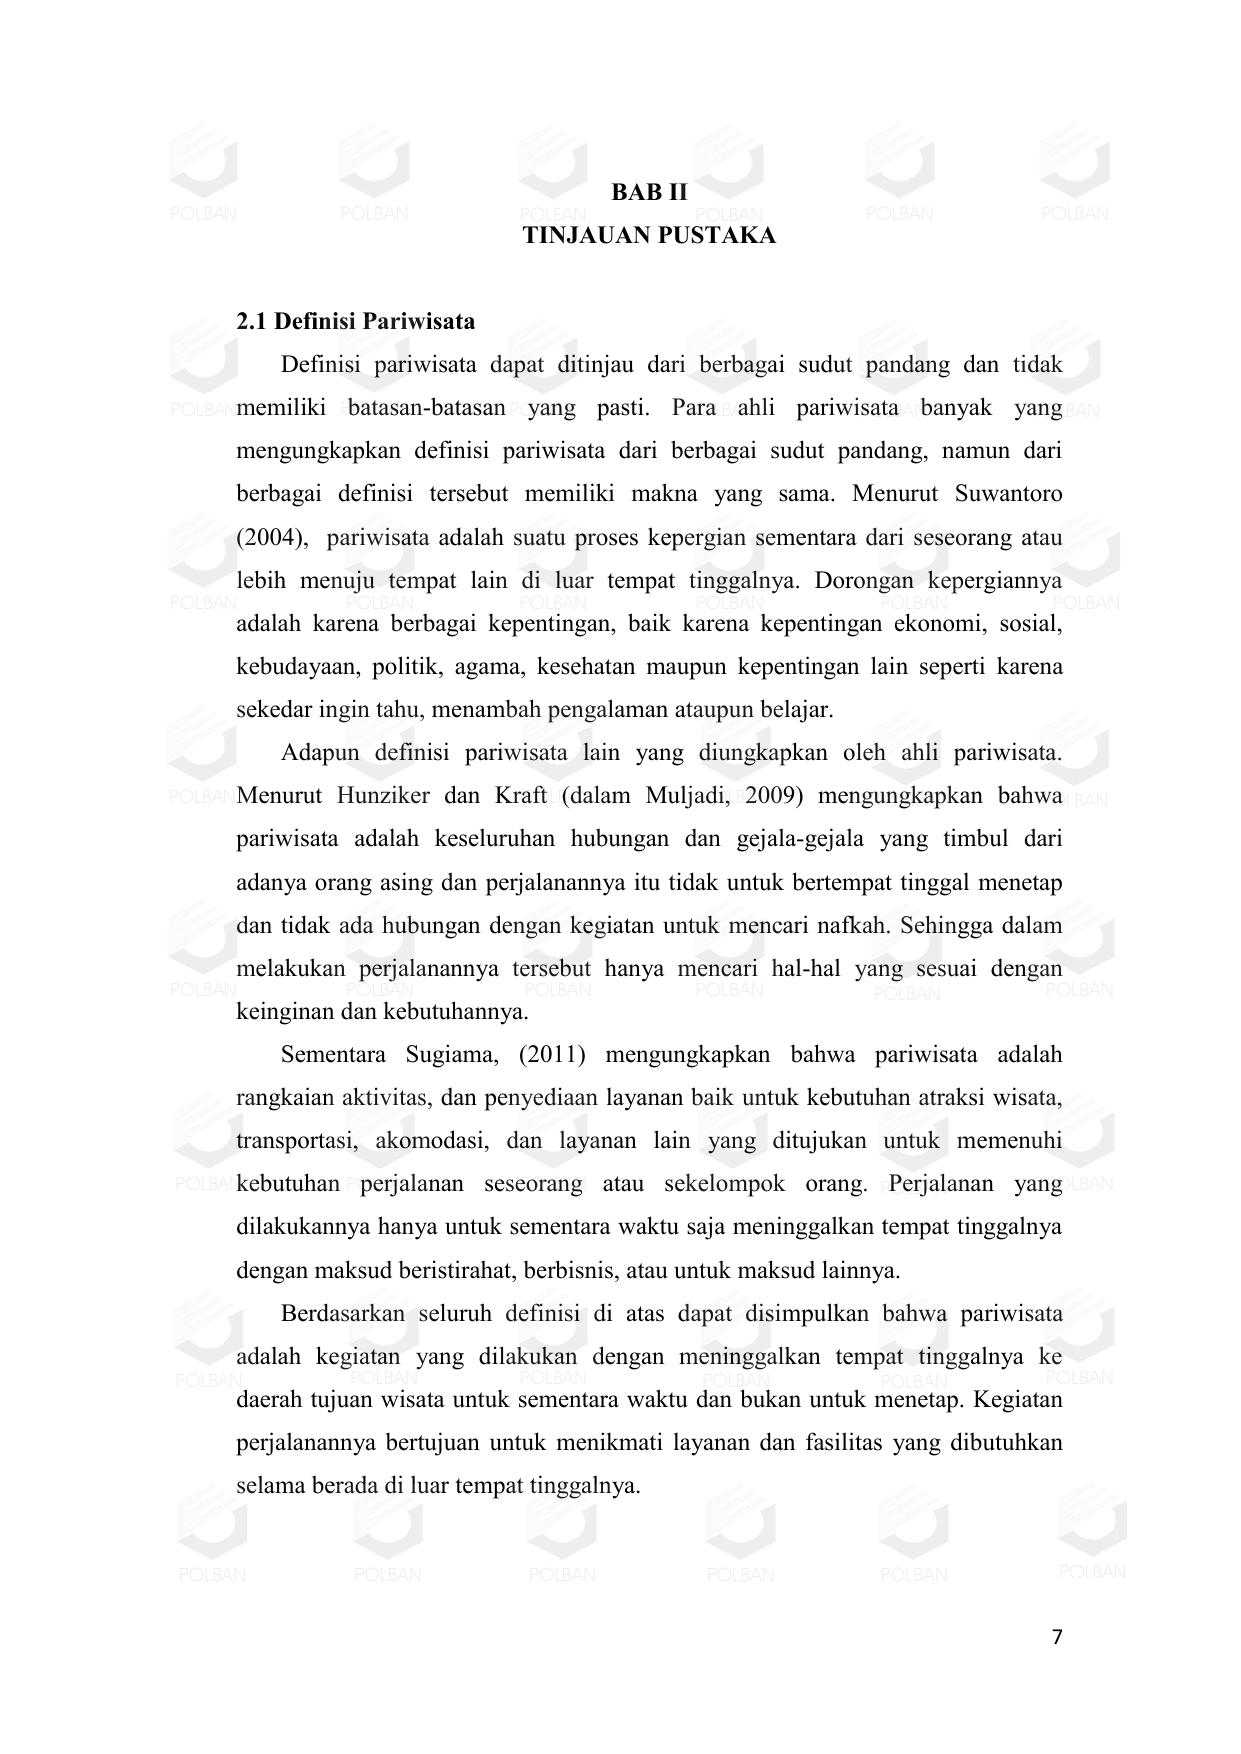 BAB II TINJAUAN PUSTAKA 7.7 Definisi